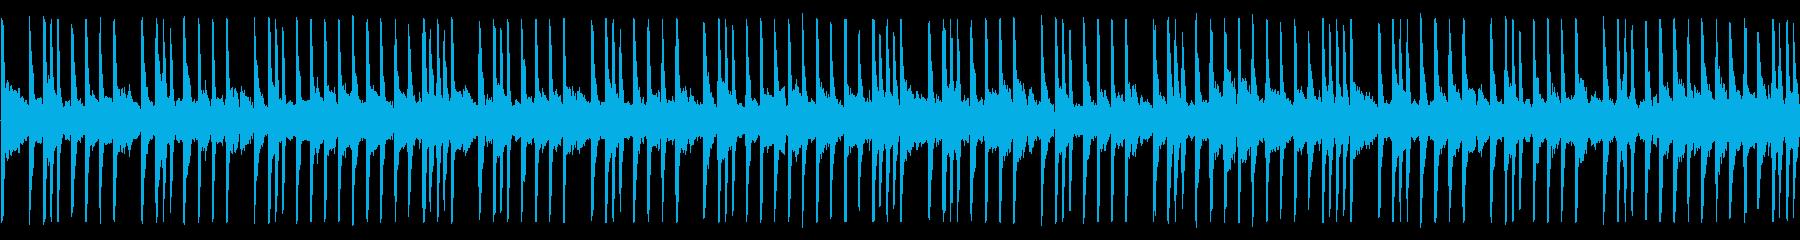 金属系音色・Hip-Hop/Loopの再生済みの波形